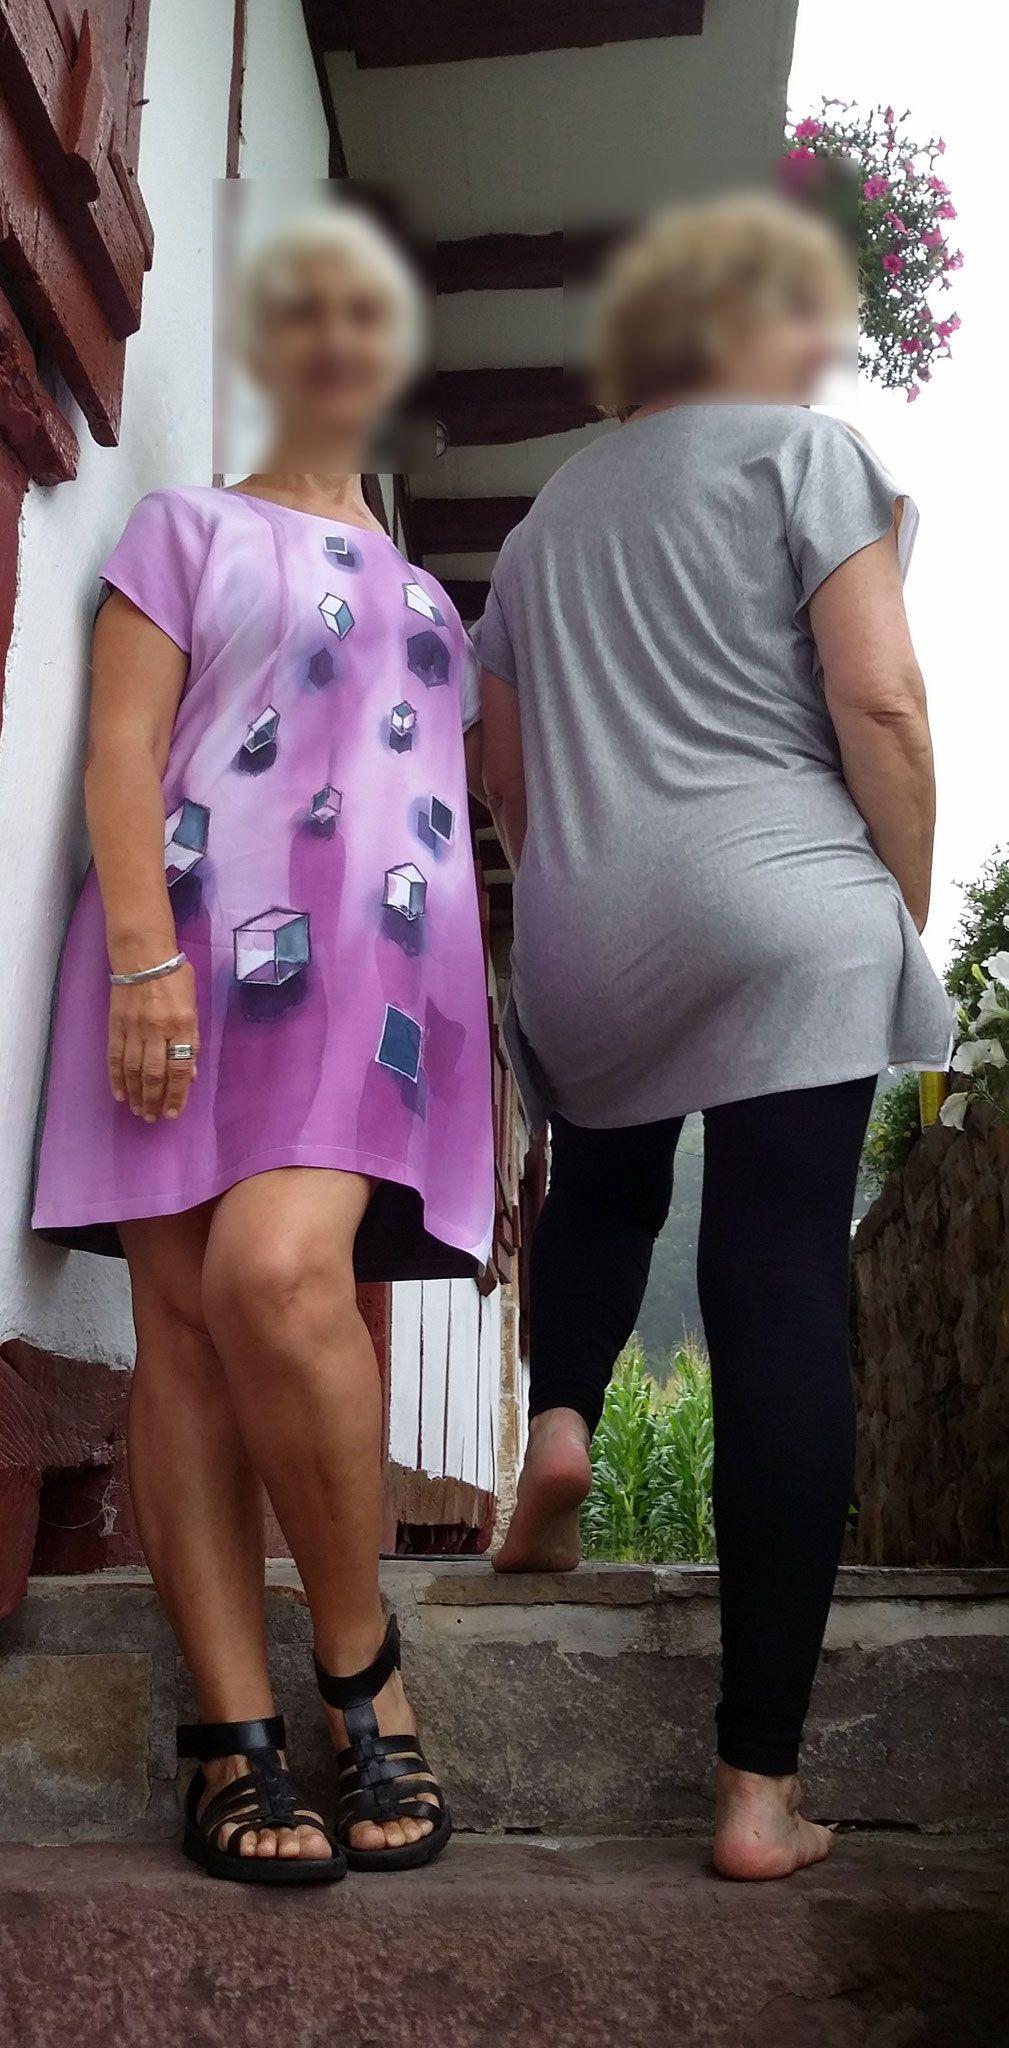 bf1f2ed653 Inicio - SilkUra GC - El arte en la tela Vestido y blusón de Viscosa ...